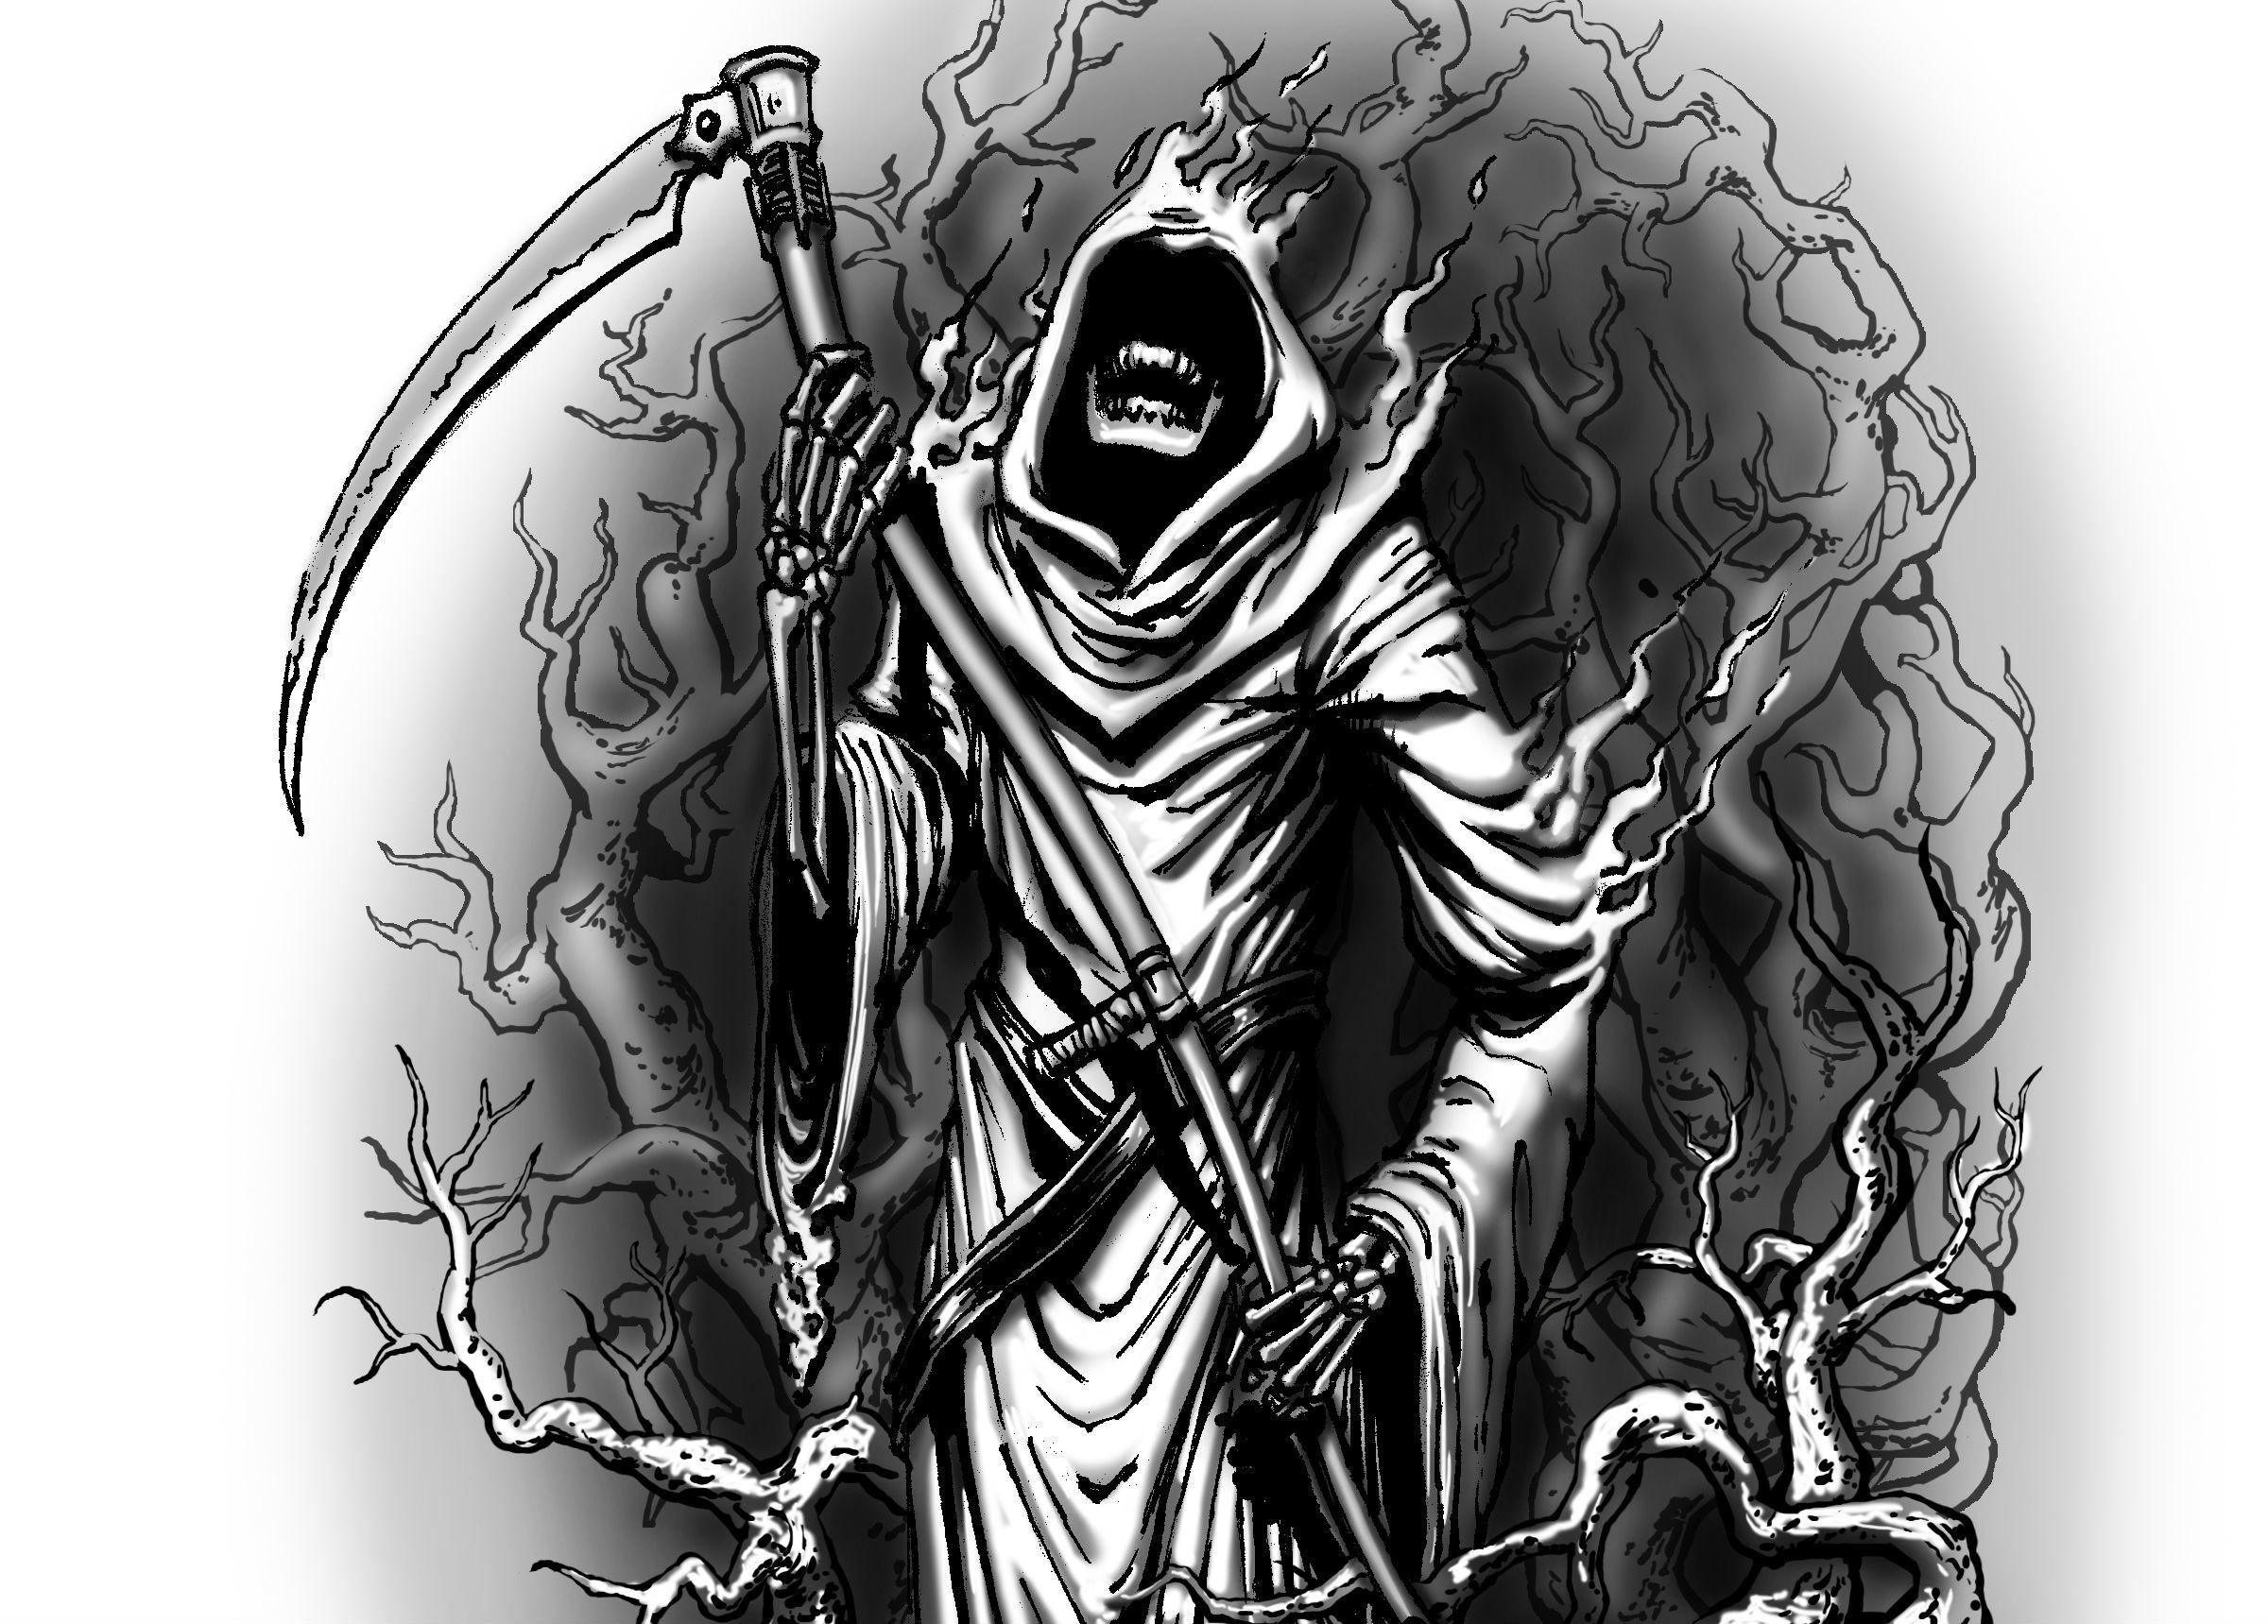 фэнтези графика женщина Grim Reaper  № 3256256 бесплатно